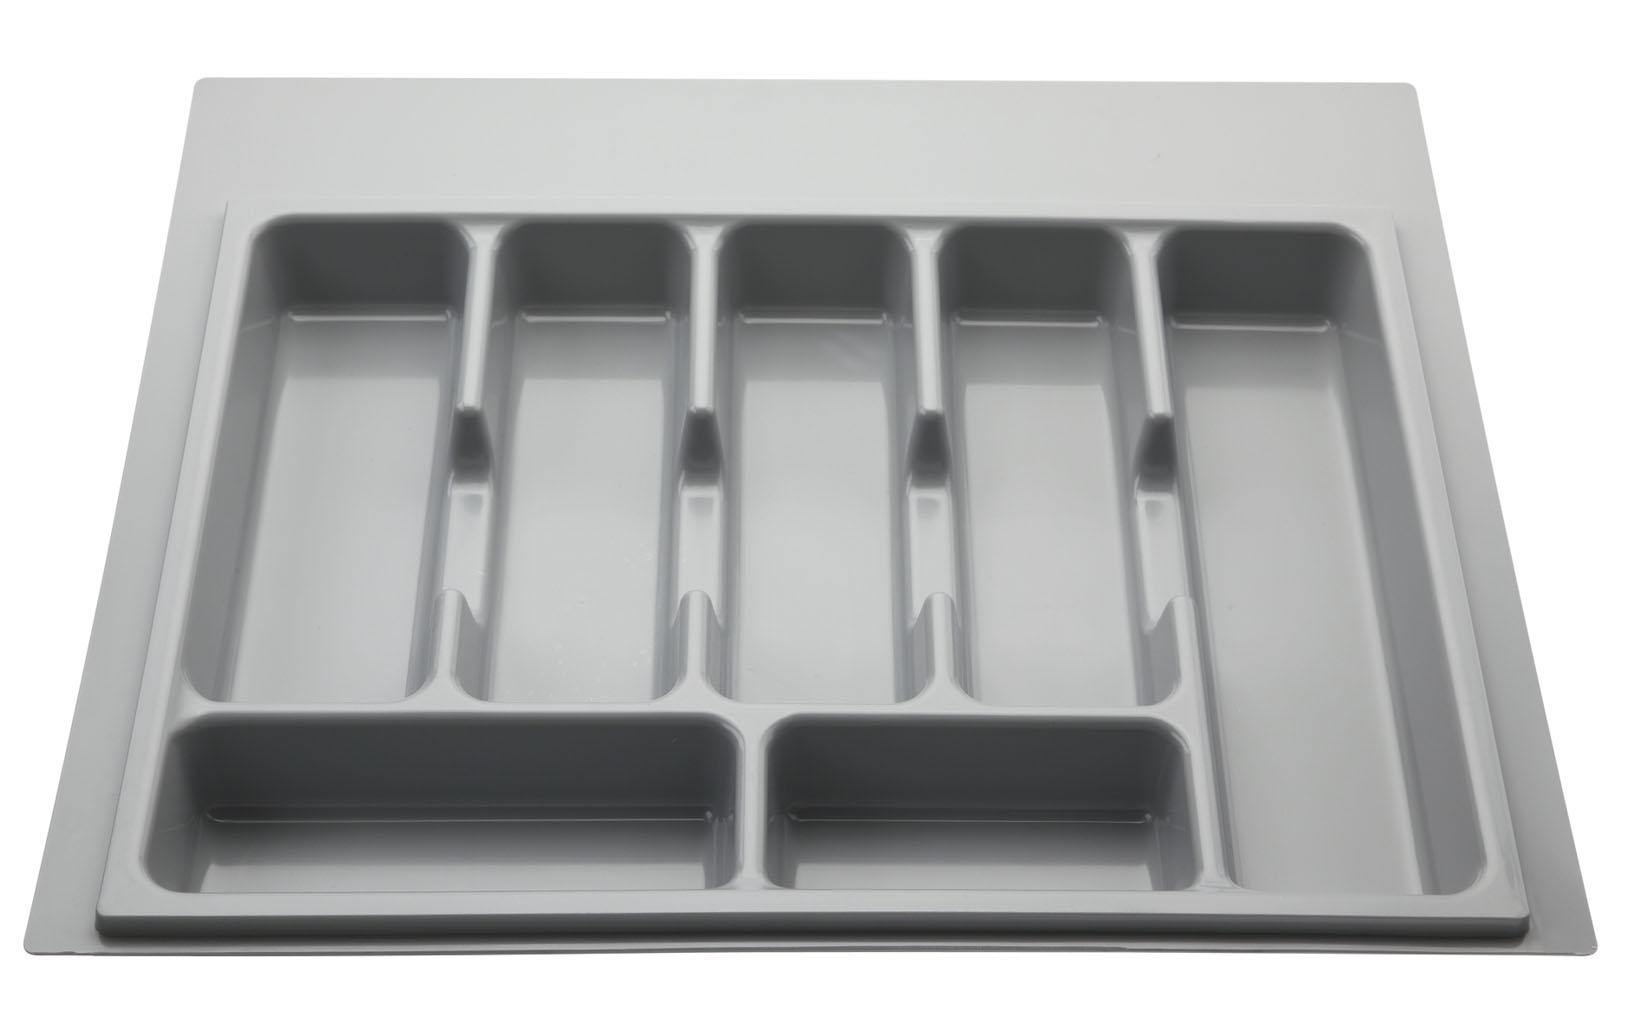 Portaposate da cassetto cucina modulo 60cm planet cucina - Porta posate da cassetto ...